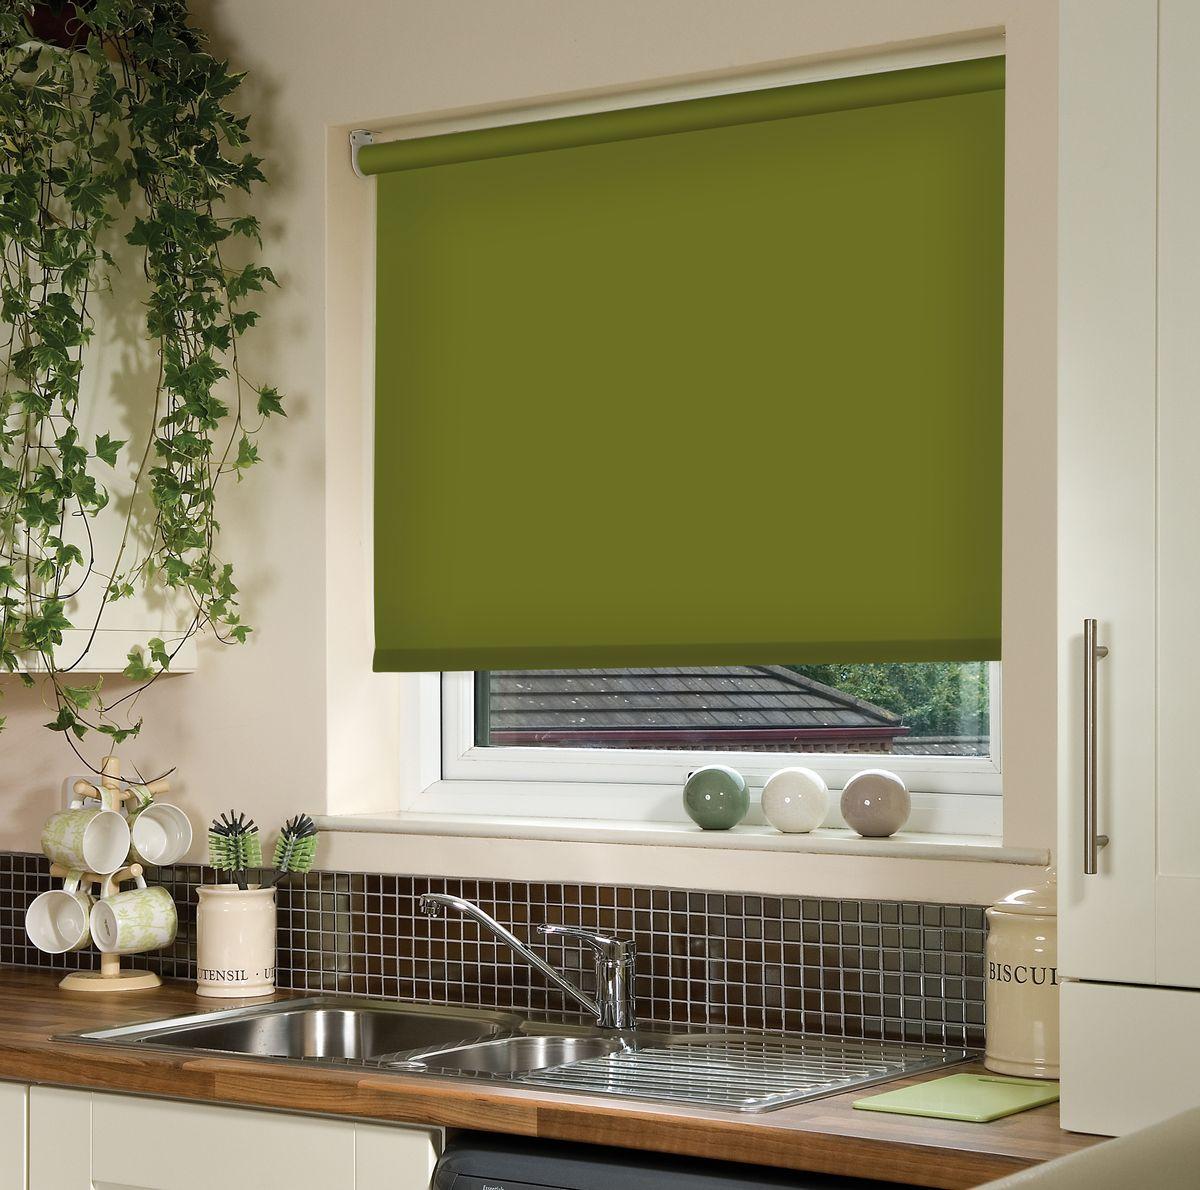 Штора рулонная Эскар, цвет: темно-оливковый, ширина 80 см, высота 170 см81018080170Рулонными шторами можно оформлять окна как самостоятельно, так и использовать в комбинации с портьерами. Это поможет предотвратить выгорание дорогой ткани на солнце и соединит функционал рулонных с красотой навесных. Преимущества применения рулонных штор для пластиковых окон: - имеют прекрасный внешний вид: многообразие и фактурность материала изделия отлично смотрятся в любом интерьере; - многофункциональны: есть возможность подобрать шторы способные эффективно защитить комнату от солнца, при этом она не будет слишком темной. - Есть возможность осуществить быстрый монтаж. ВНИМАНИЕ! Размеры ширины изделия указаны по ширине ткани! Во время эксплуатации не рекомендуется полностью разматывать рулон, чтобы не оторвать ткань от намоточного вала. В случае загрязнения поверхности ткани, чистку шторы проводят одним из способов, в зависимости от типа загрязнения: легкое поверхностное загрязнение можно удалить при помощи канцелярского ластика; чистка от пыли производится сухим методом при...